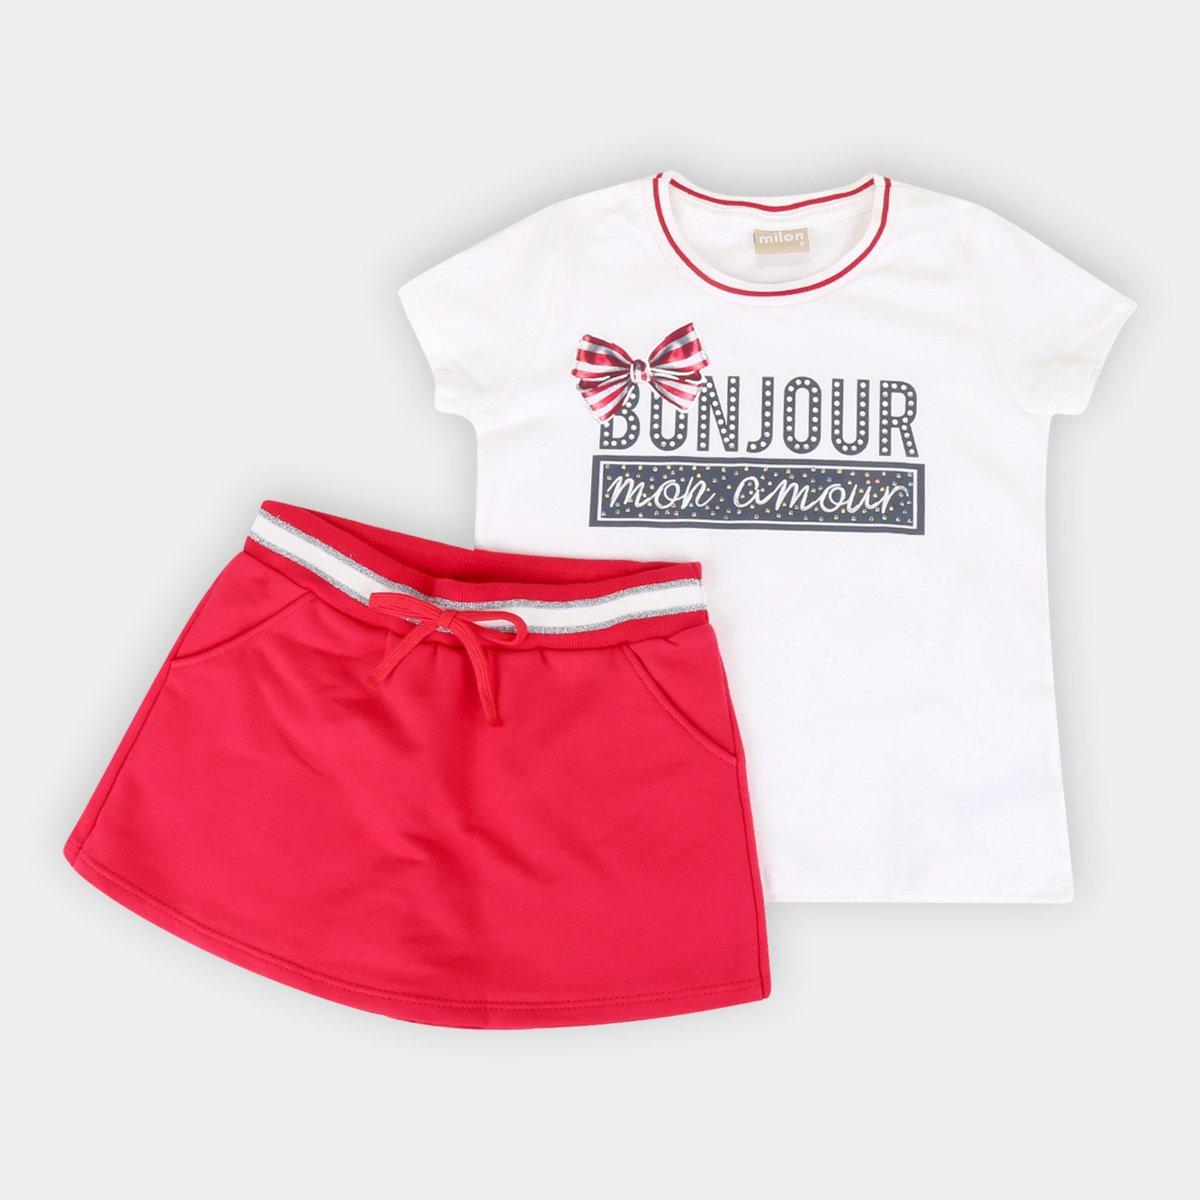 Conjunto Infantil Milon Estampado Cotton Short-Saia Moletom Feminino